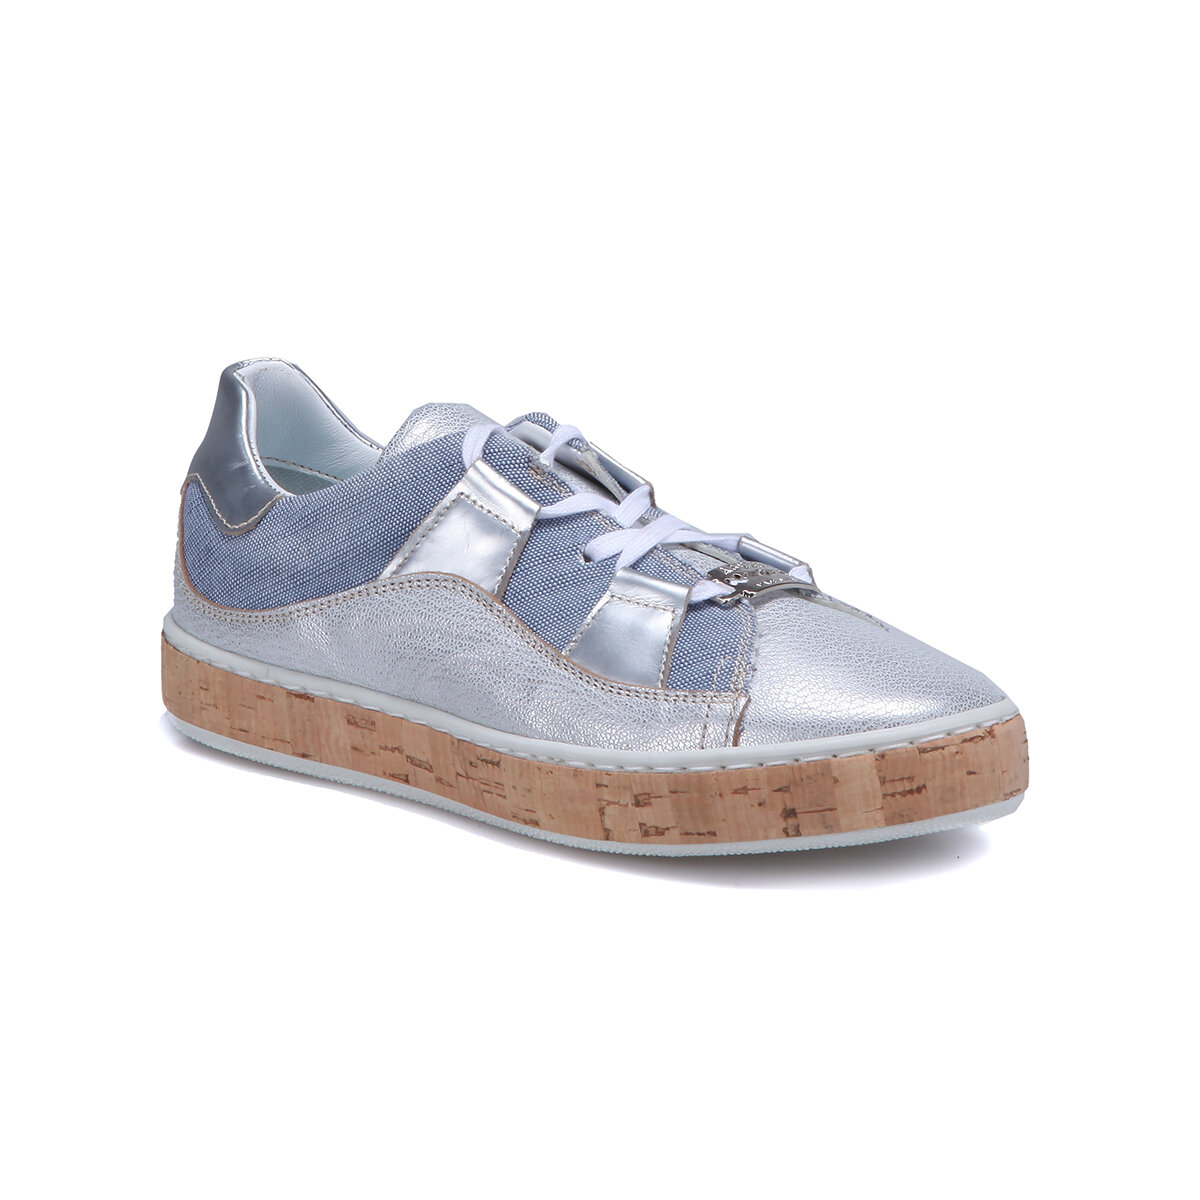 FLO 2886/08 Silver Women 'S Sneaker Shoes BUTIGO